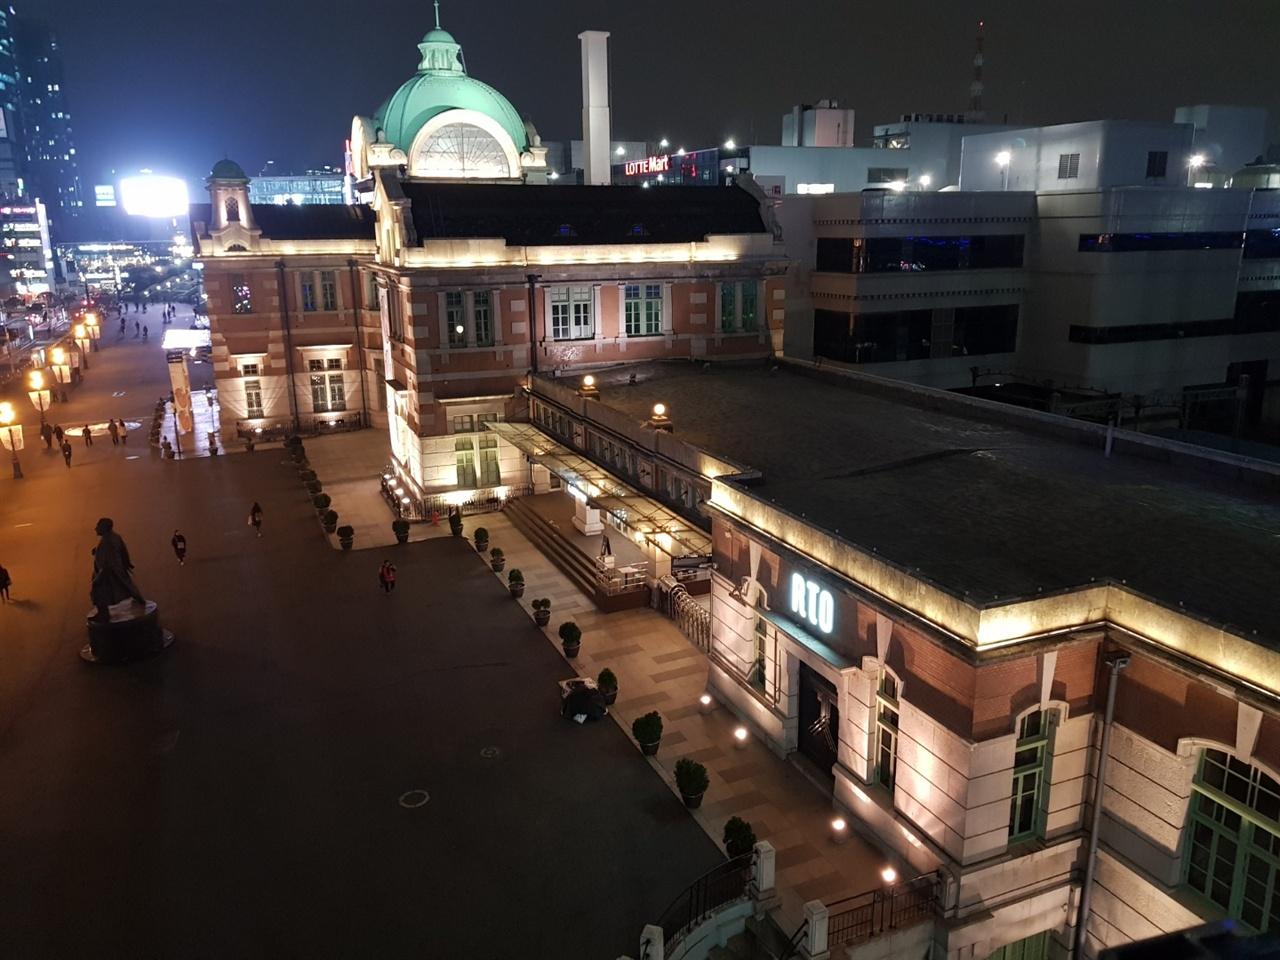 문화재 보존의 문제로 인해 본 역사 대신 북측 부분을 개조하여 새로 여객취급을 하는 서울역 옛 역 건물.